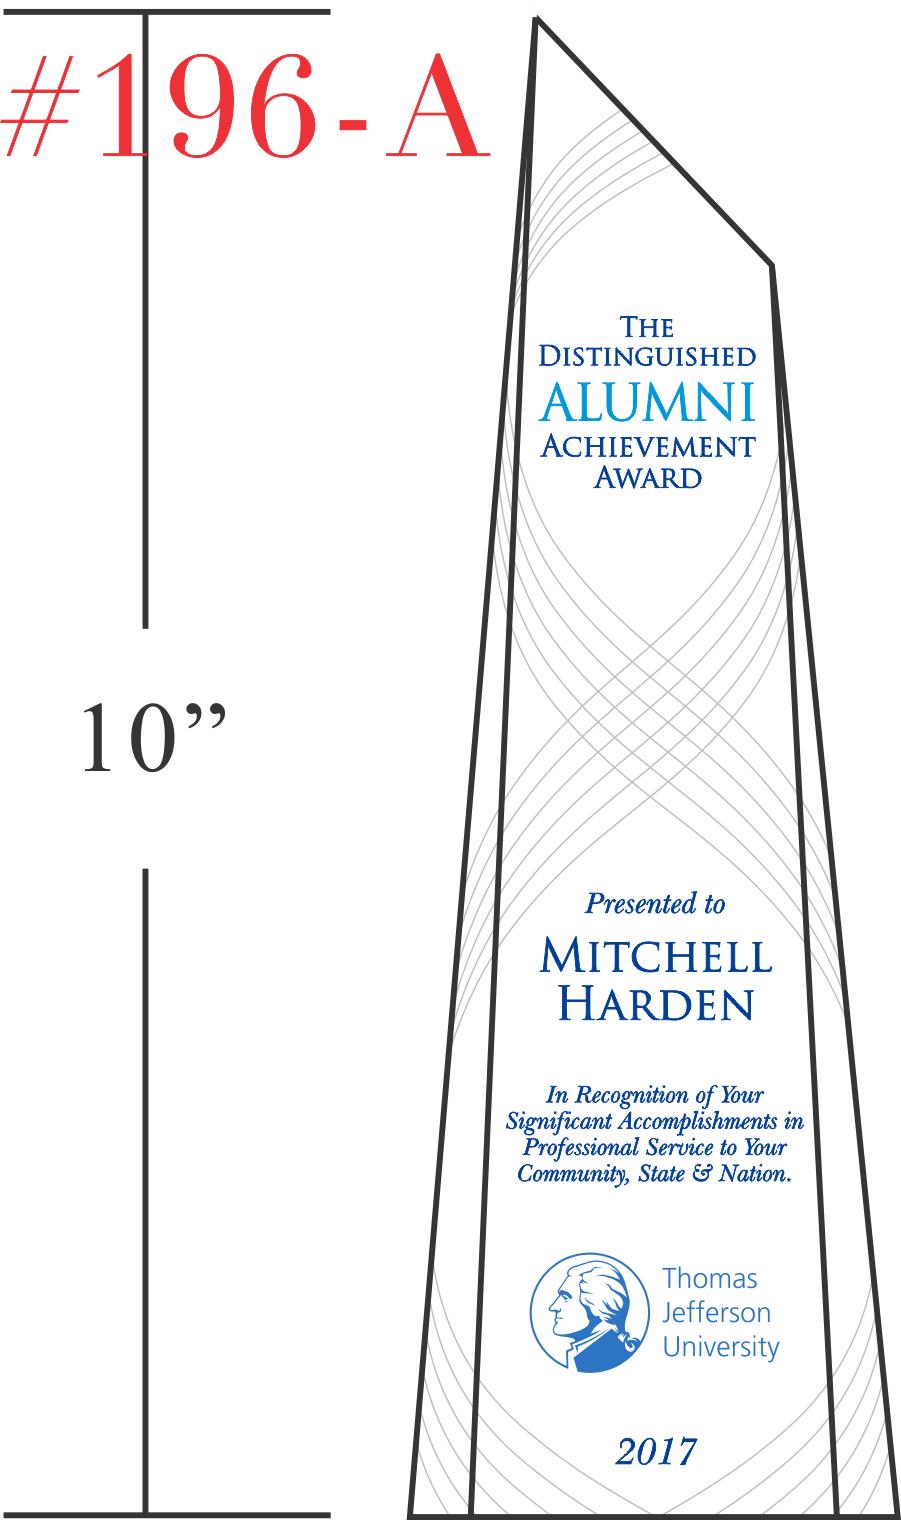 Distinguished Alumni Achievement Award